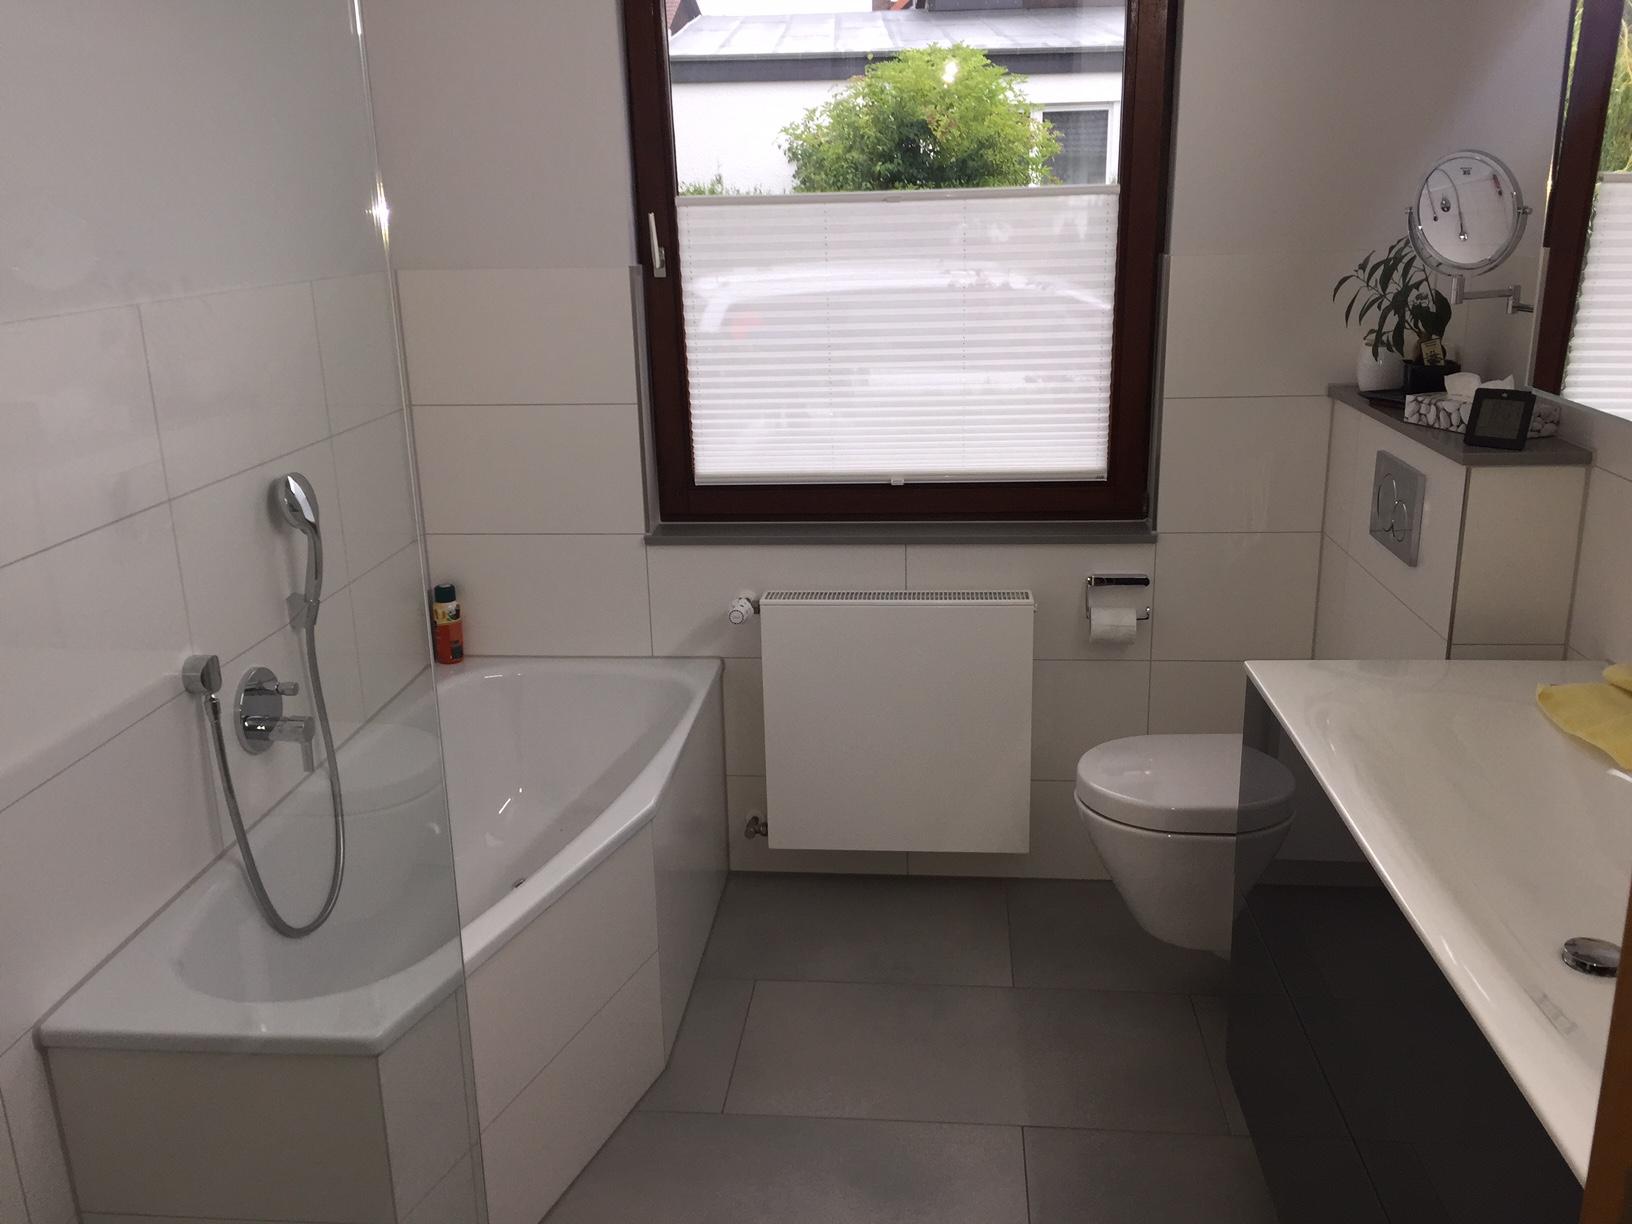 barrierefreie geflieste dusche badewanne in gambach. Black Bedroom Furniture Sets. Home Design Ideas